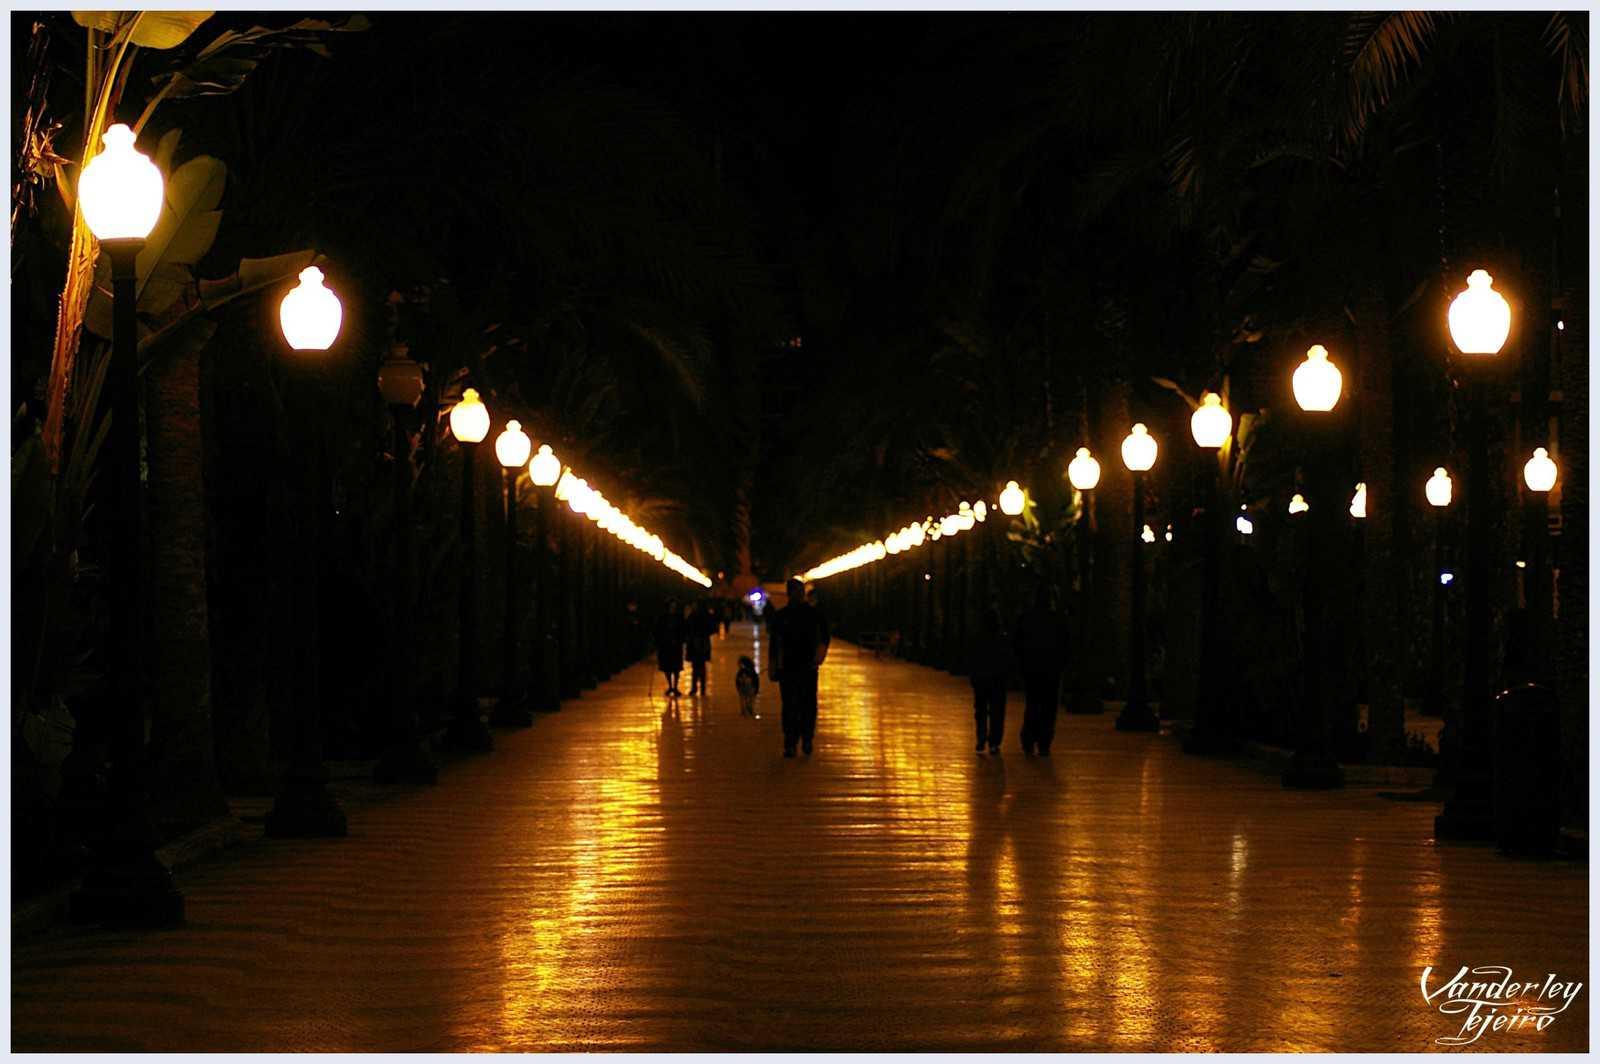 1430910746_Paseo nocturno